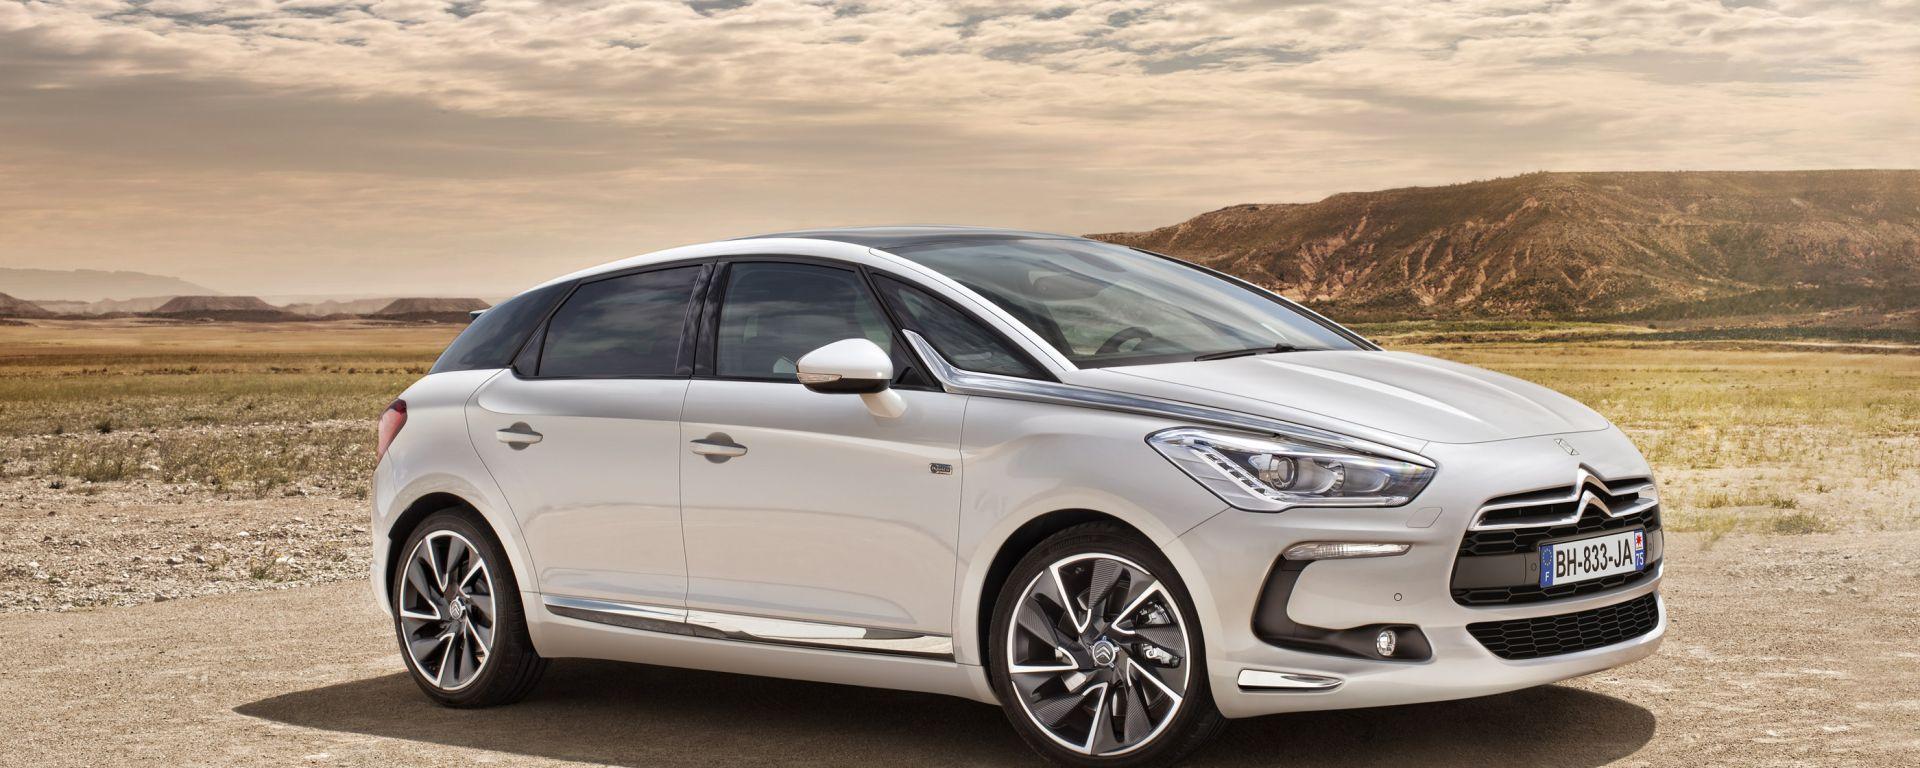 Citroën DS5: le nuove foto ufficiali